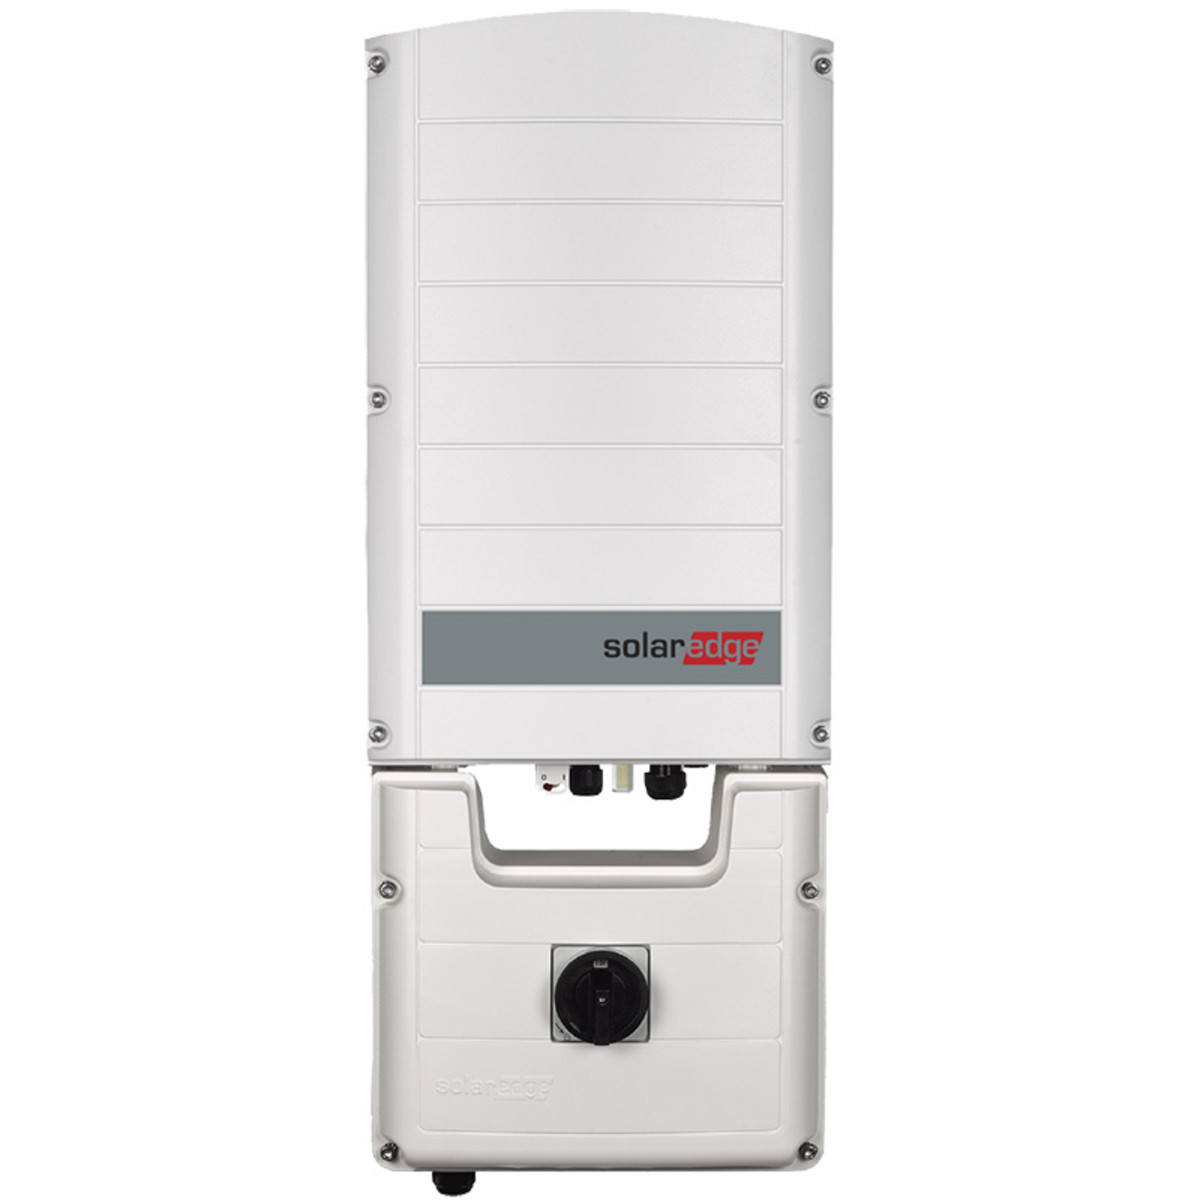 SolarEdge Three Phase SE33.3kUS 33.3kW Inverter